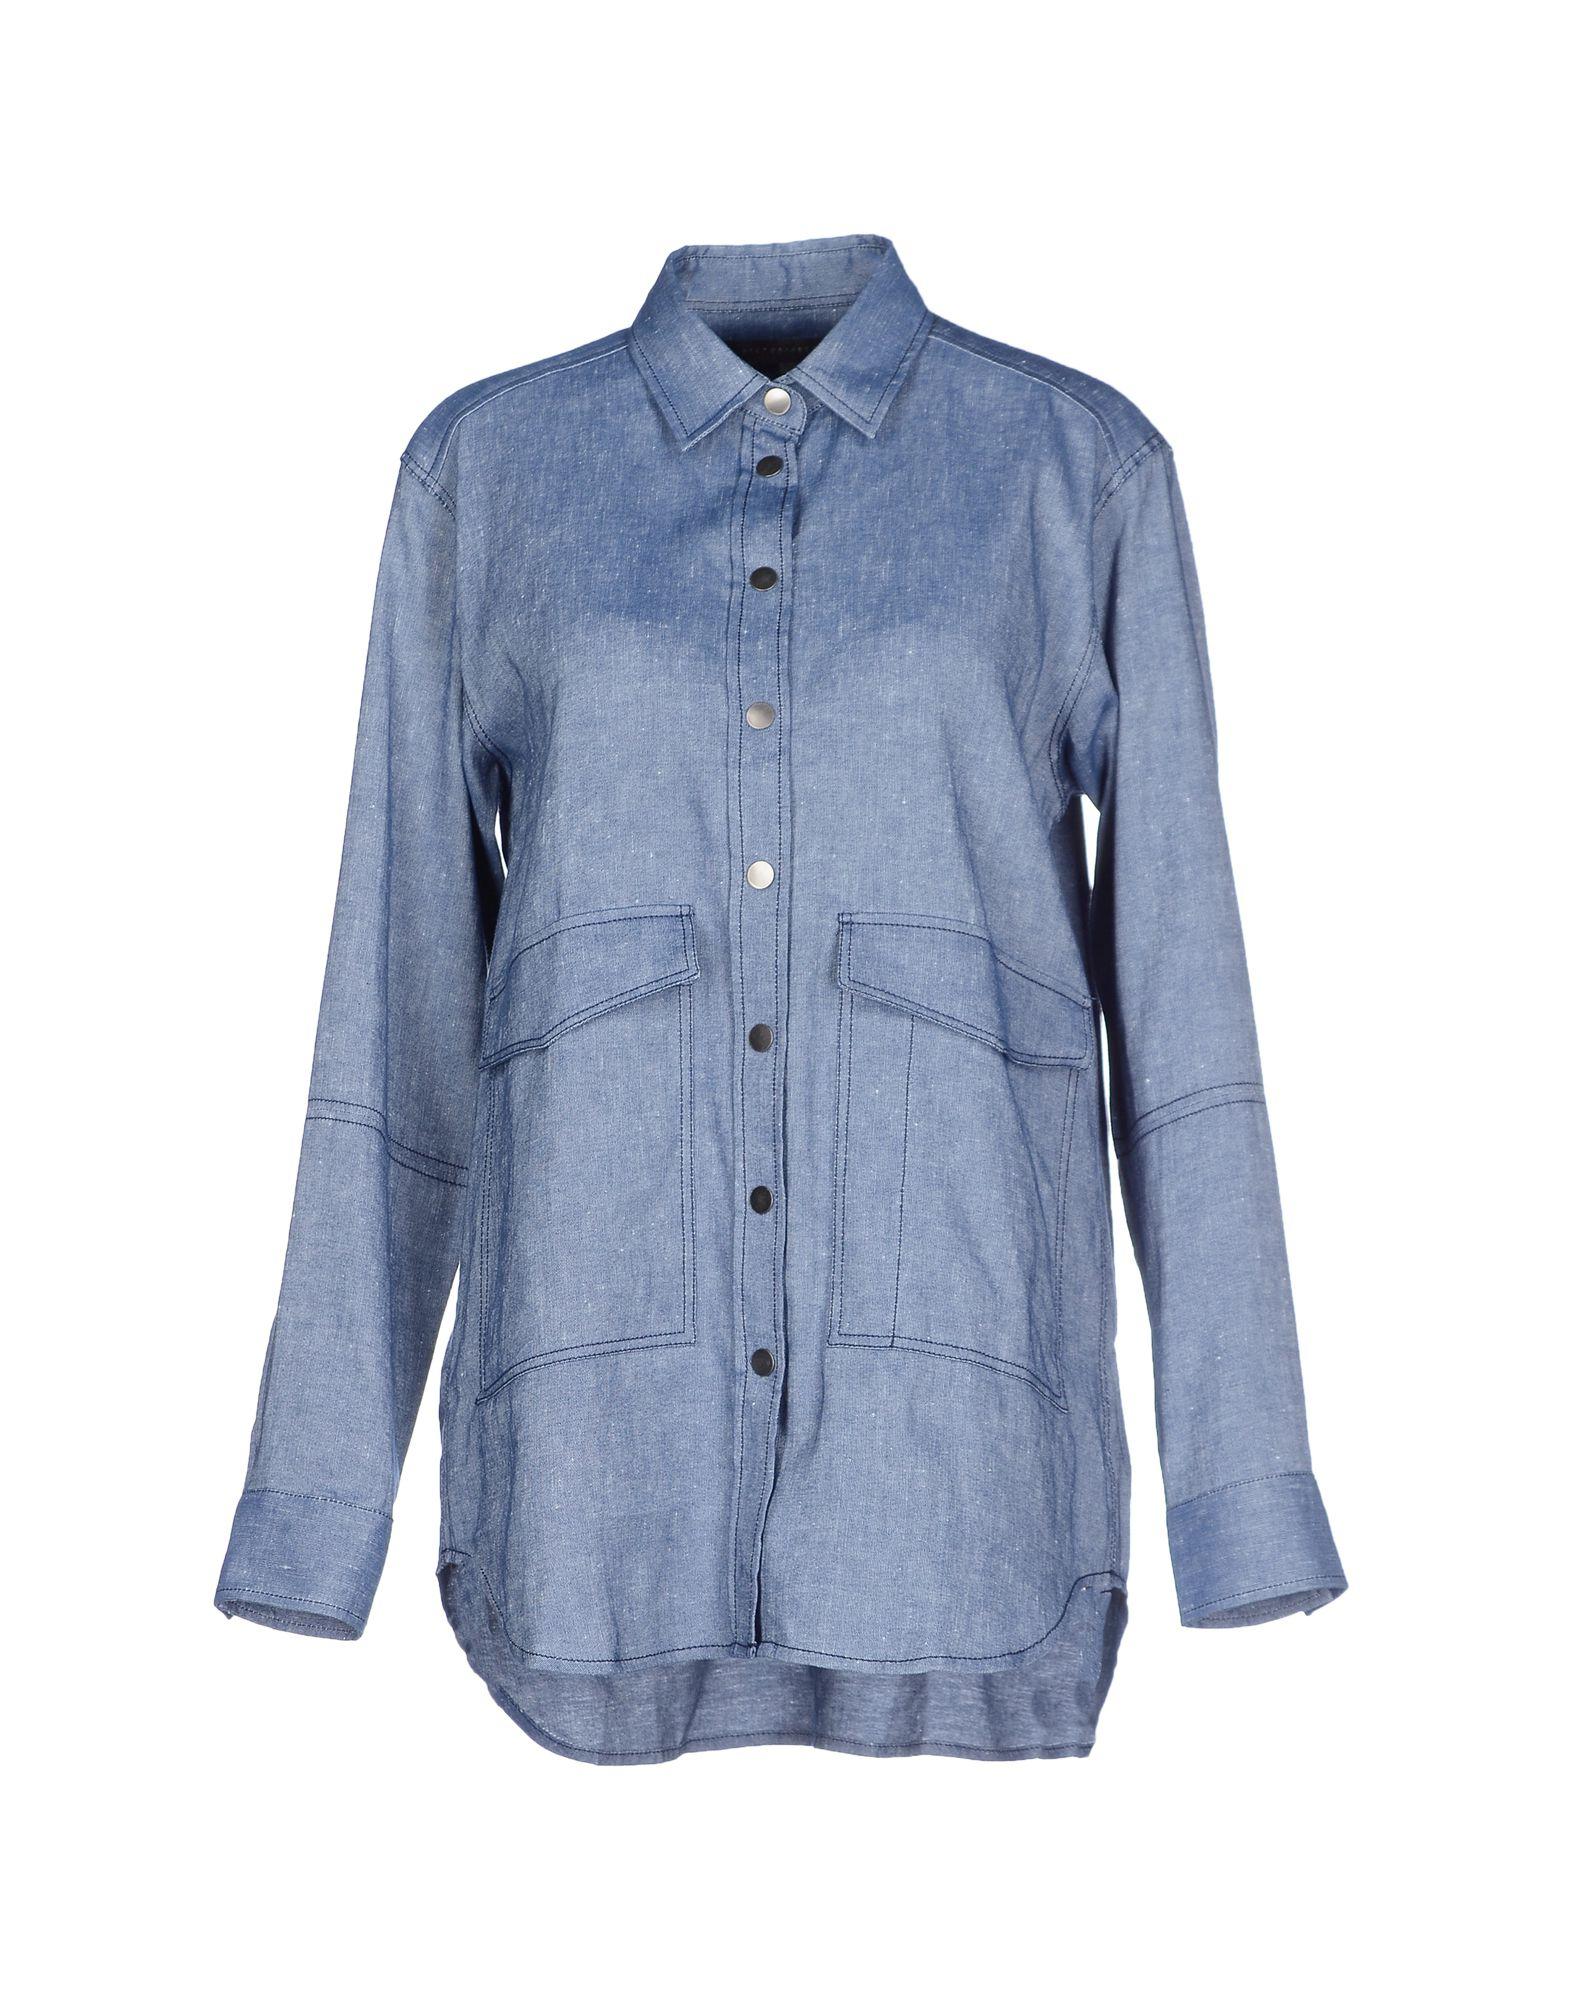 lyst victoria beckham denim shirt in blue